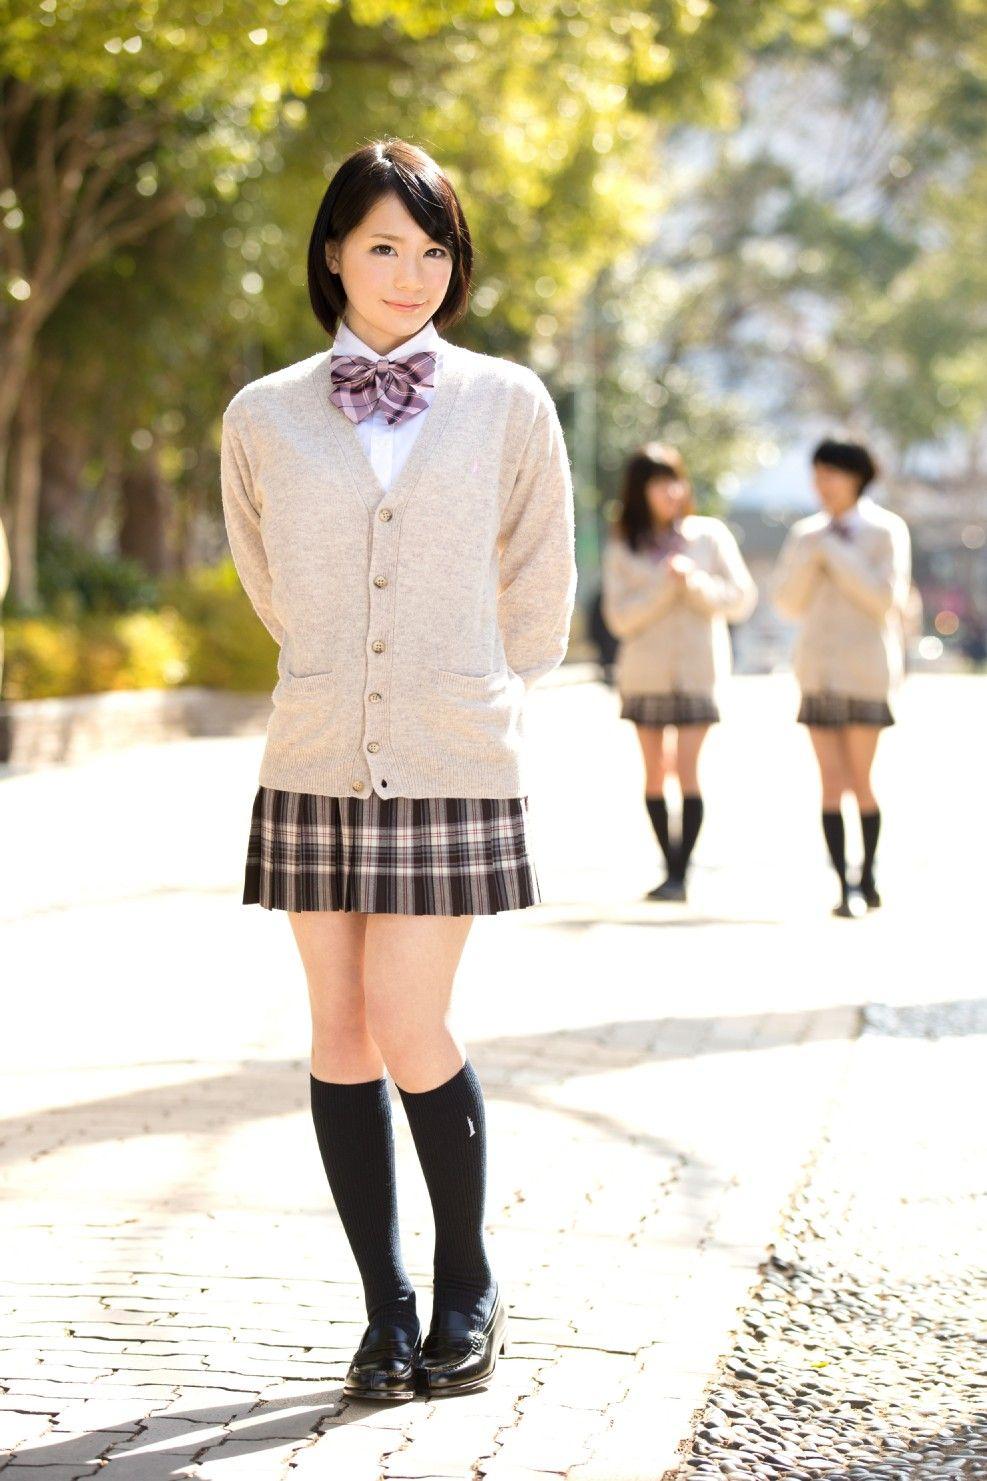 gallerynova.se Te1n1w77214-0- 59 airi suzumura | 鈴村あいり